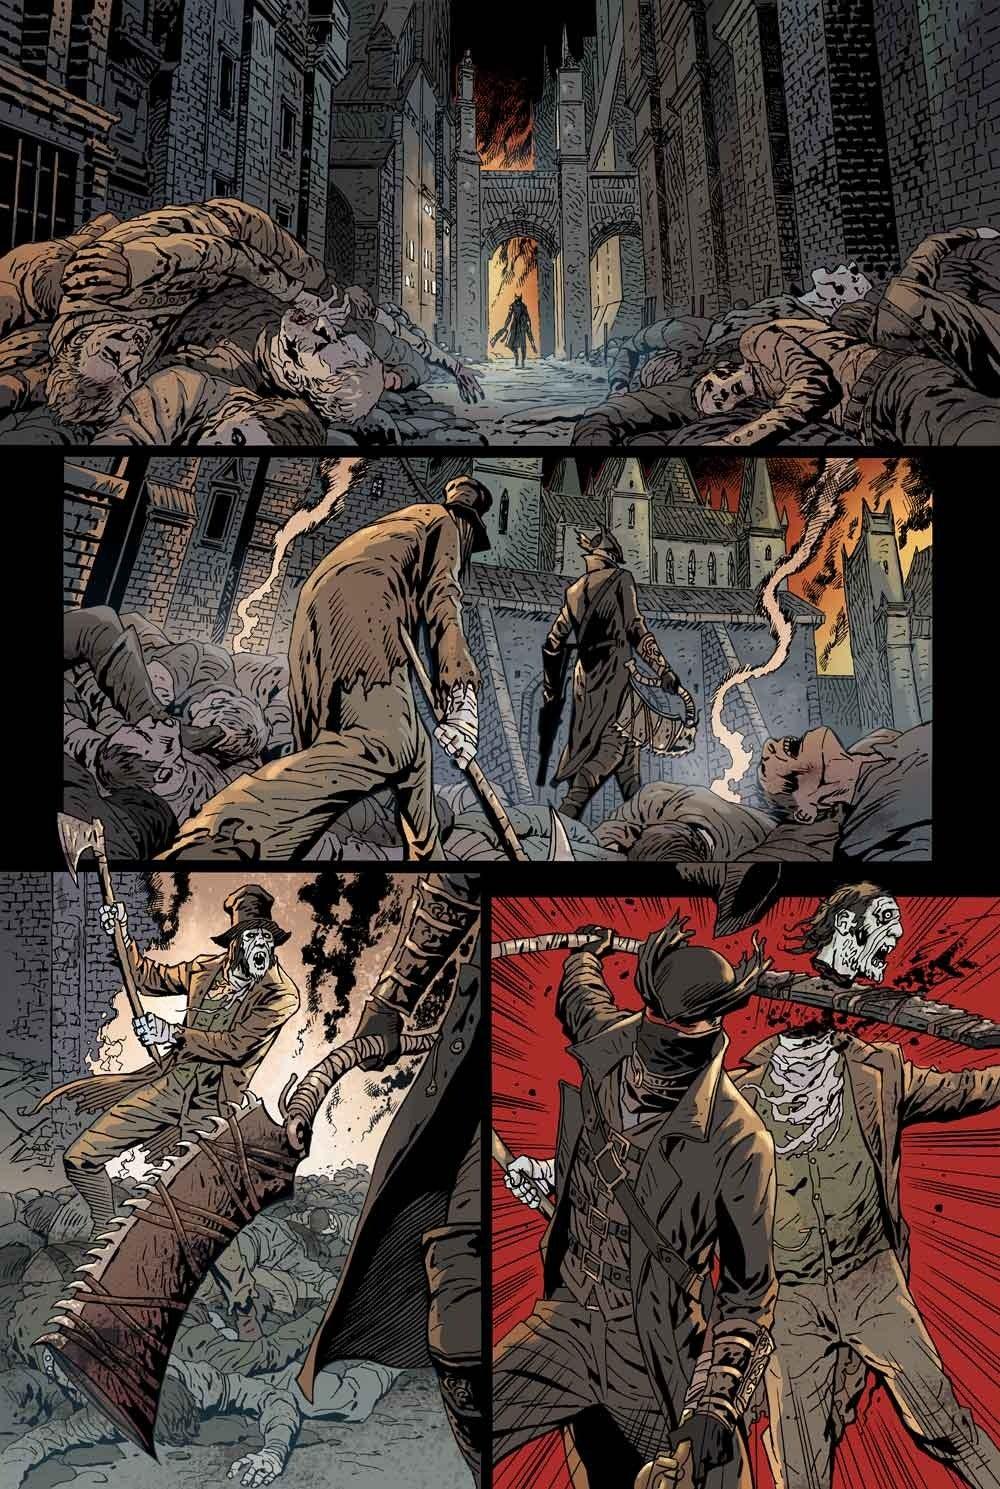 3321484-bloodborne-page-1